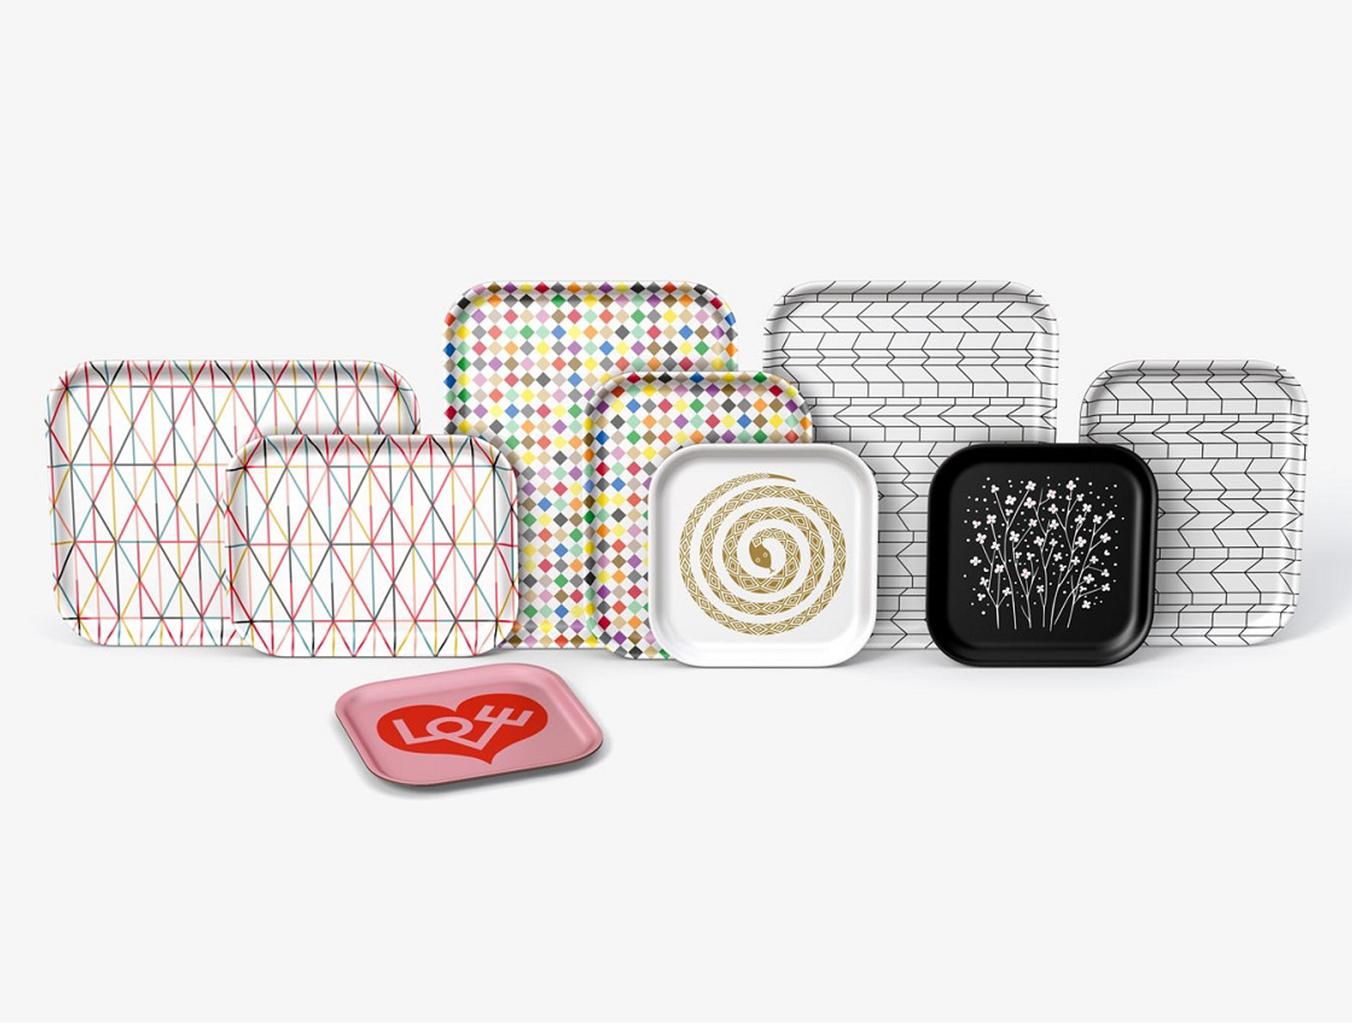 办公辅件|杂物盒/架|创意家具|现代家居|时尚家具|设计师家具|定制家具|实木家具|经典托盘